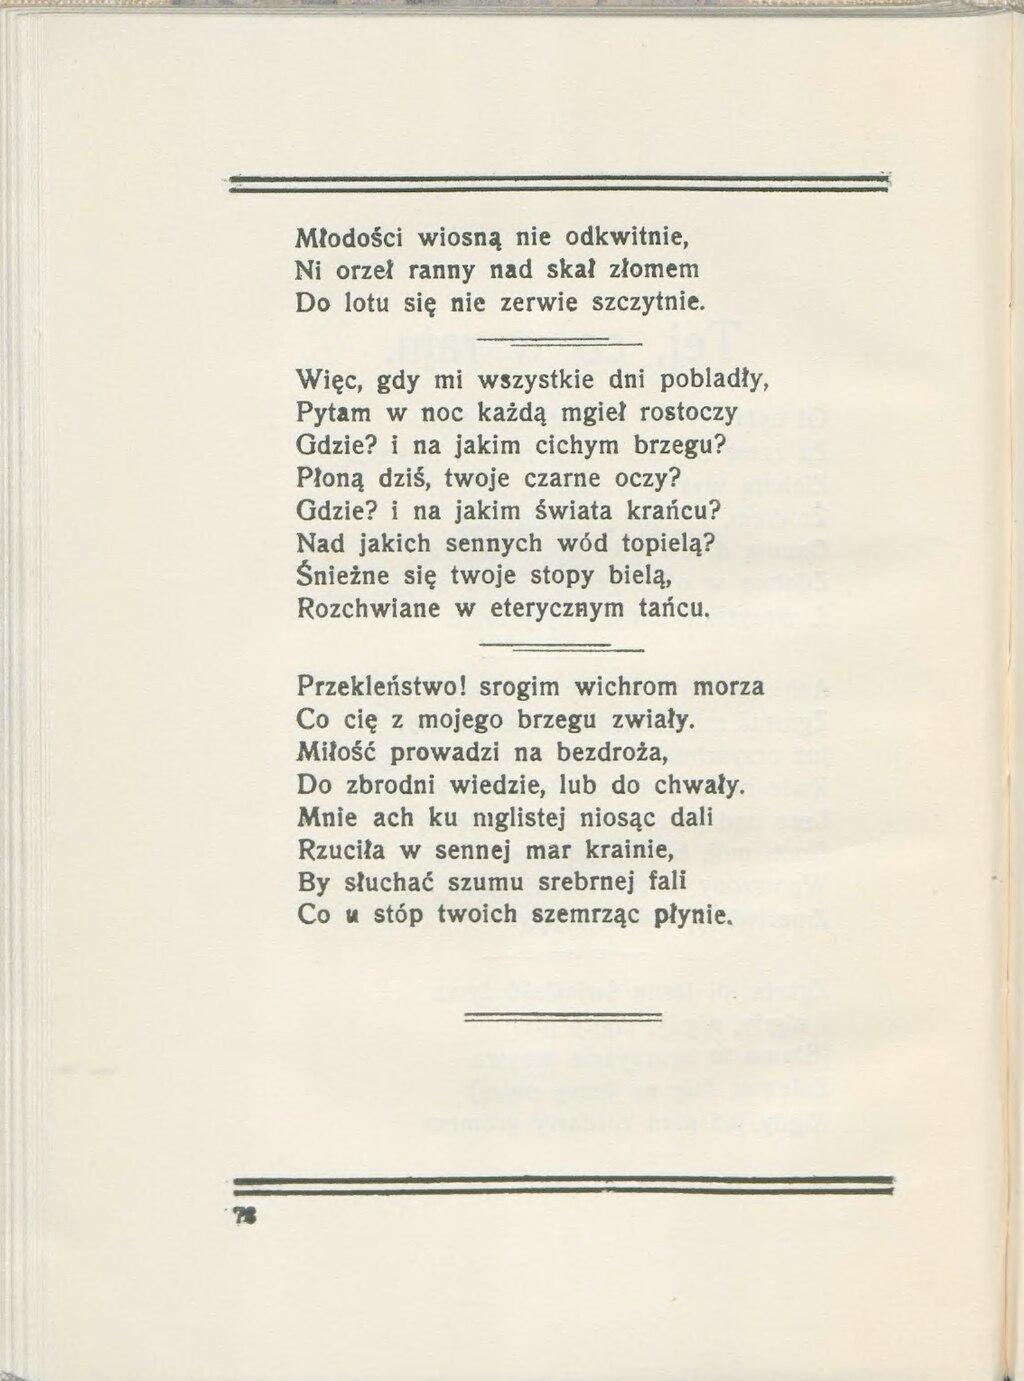 Stronaedgar Allan Poe Kruk Wybór Poezyidjvu80